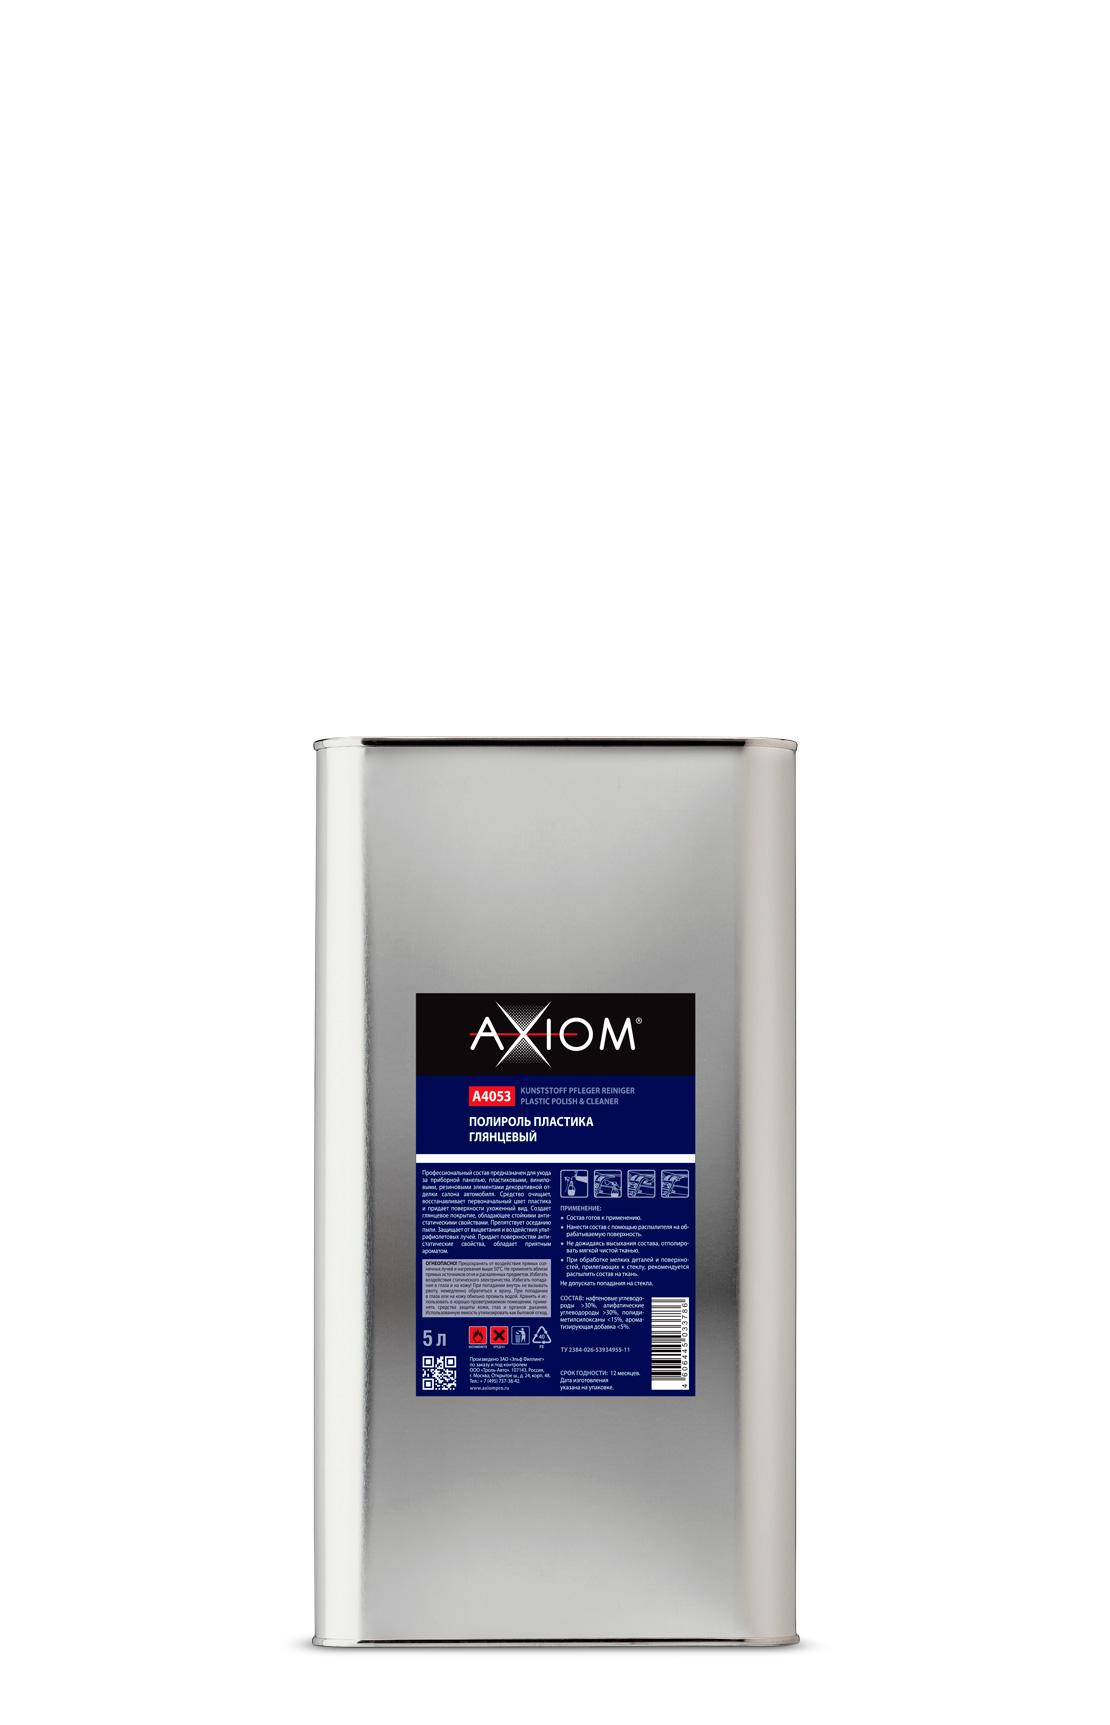 Полироль пластика глянцевый AXIOM